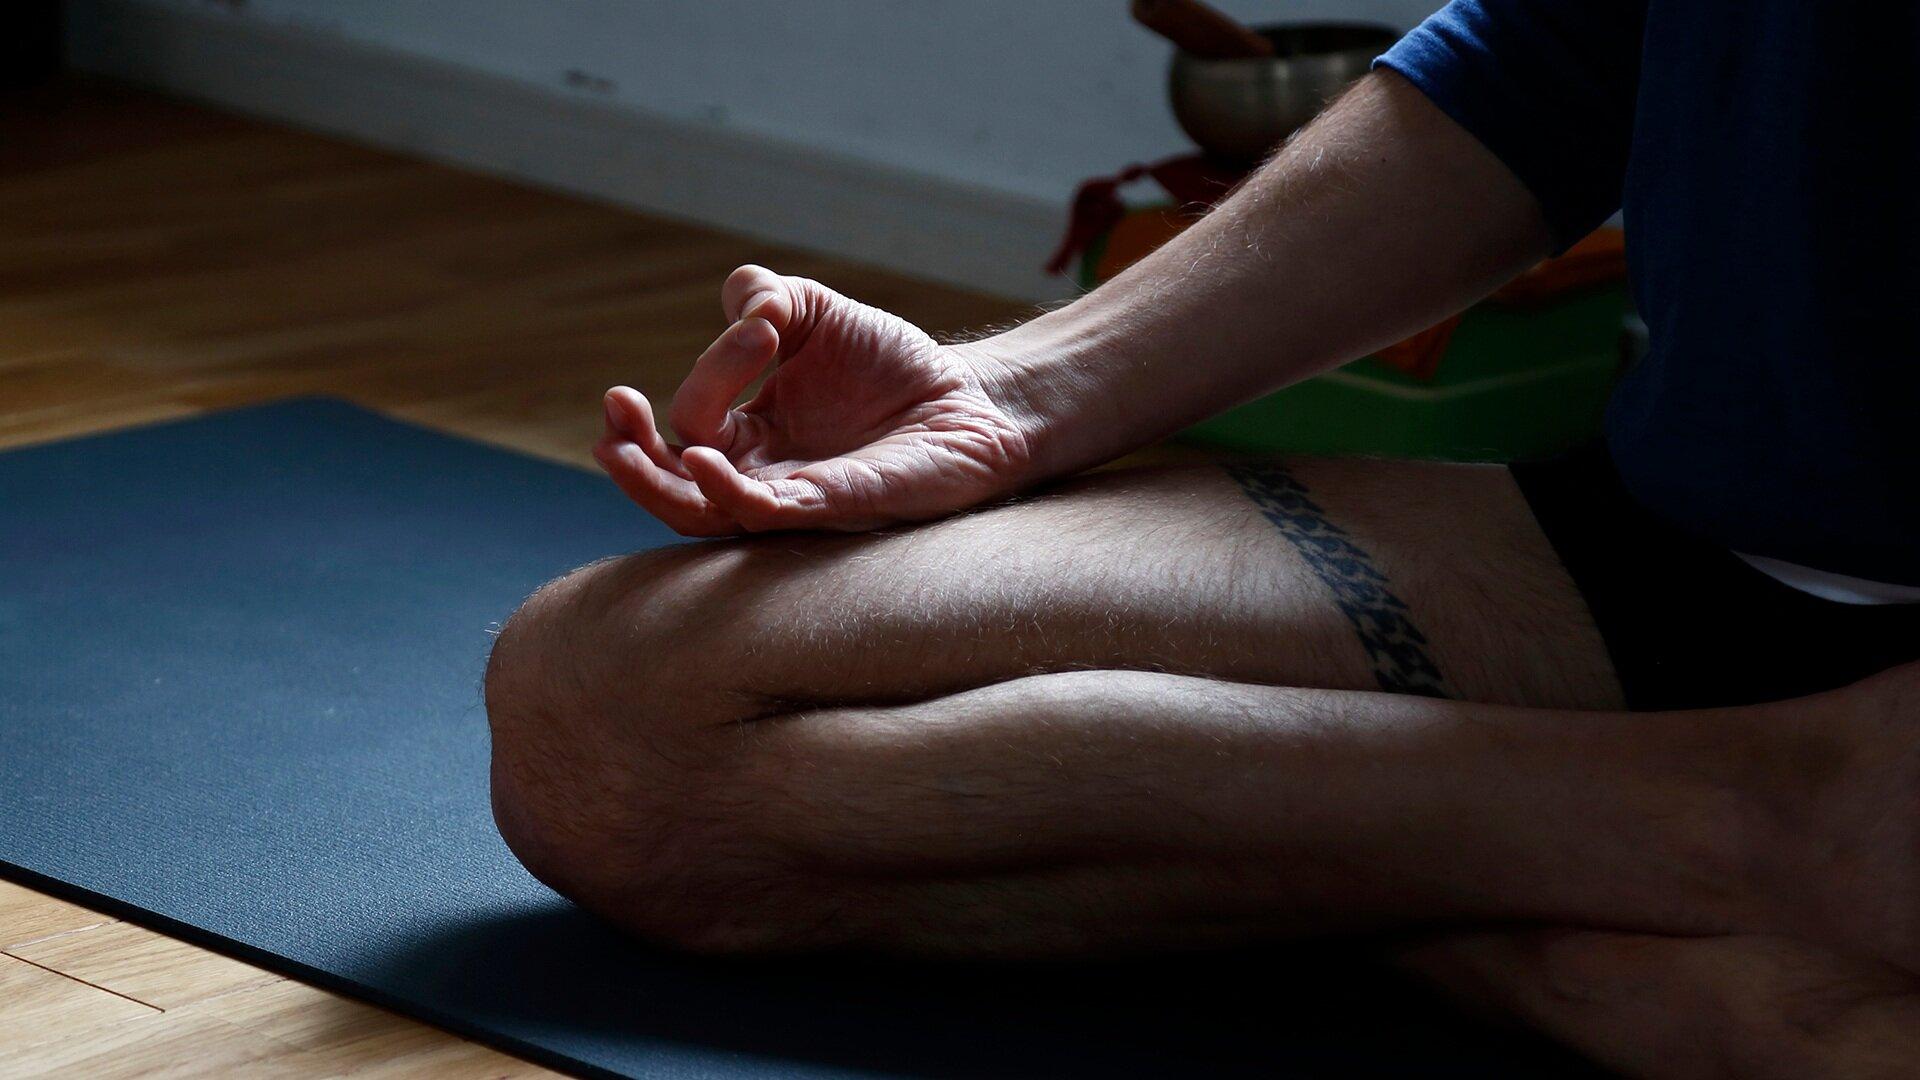 Meditation - Key Session 1 | 意識の深いブロック & 思考癖のリリースでスッキリ|